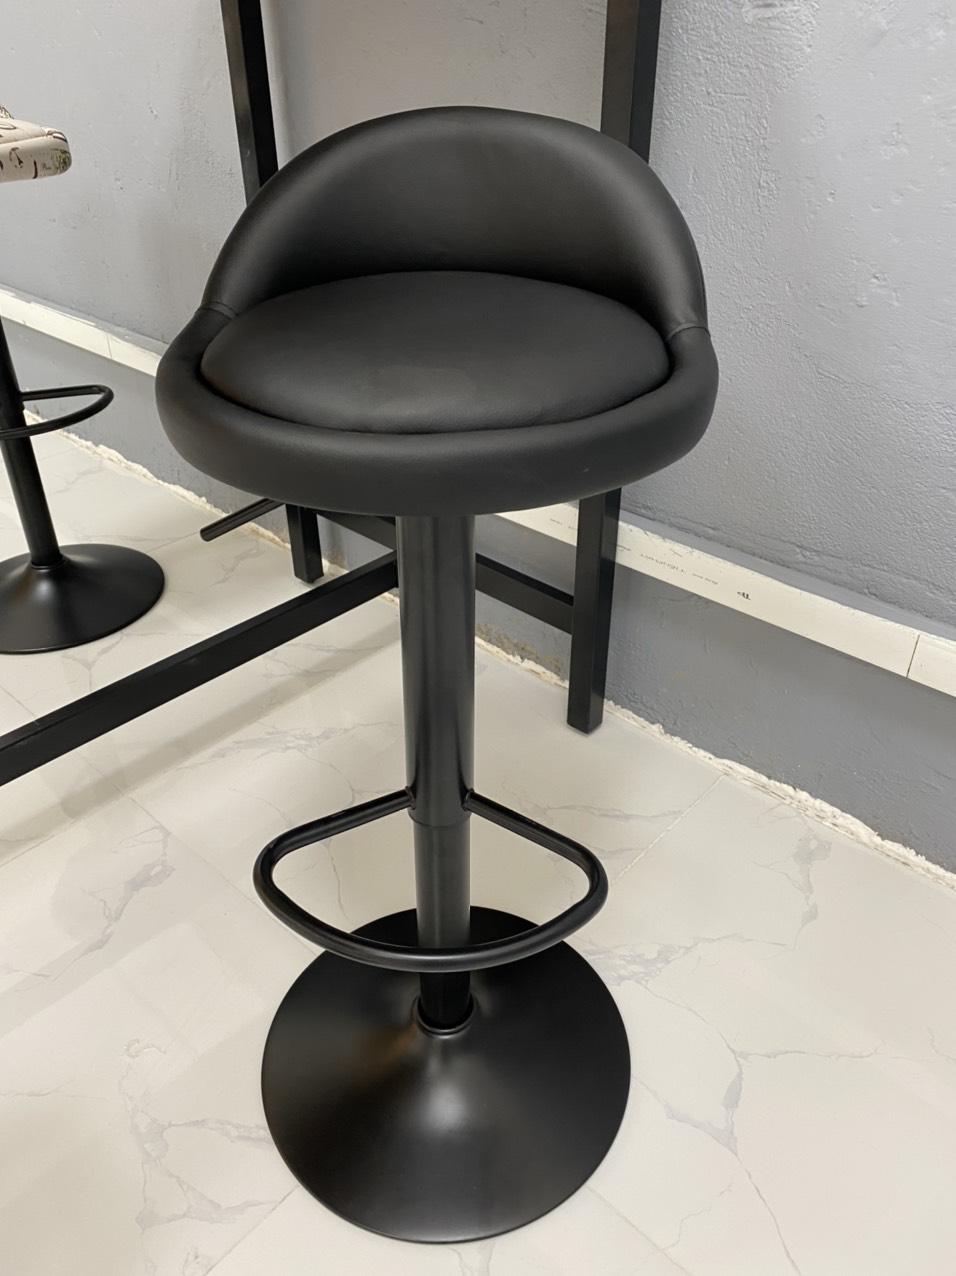 Ghế quầy bar chân sắt sơn tĩnh điện : GB – S200